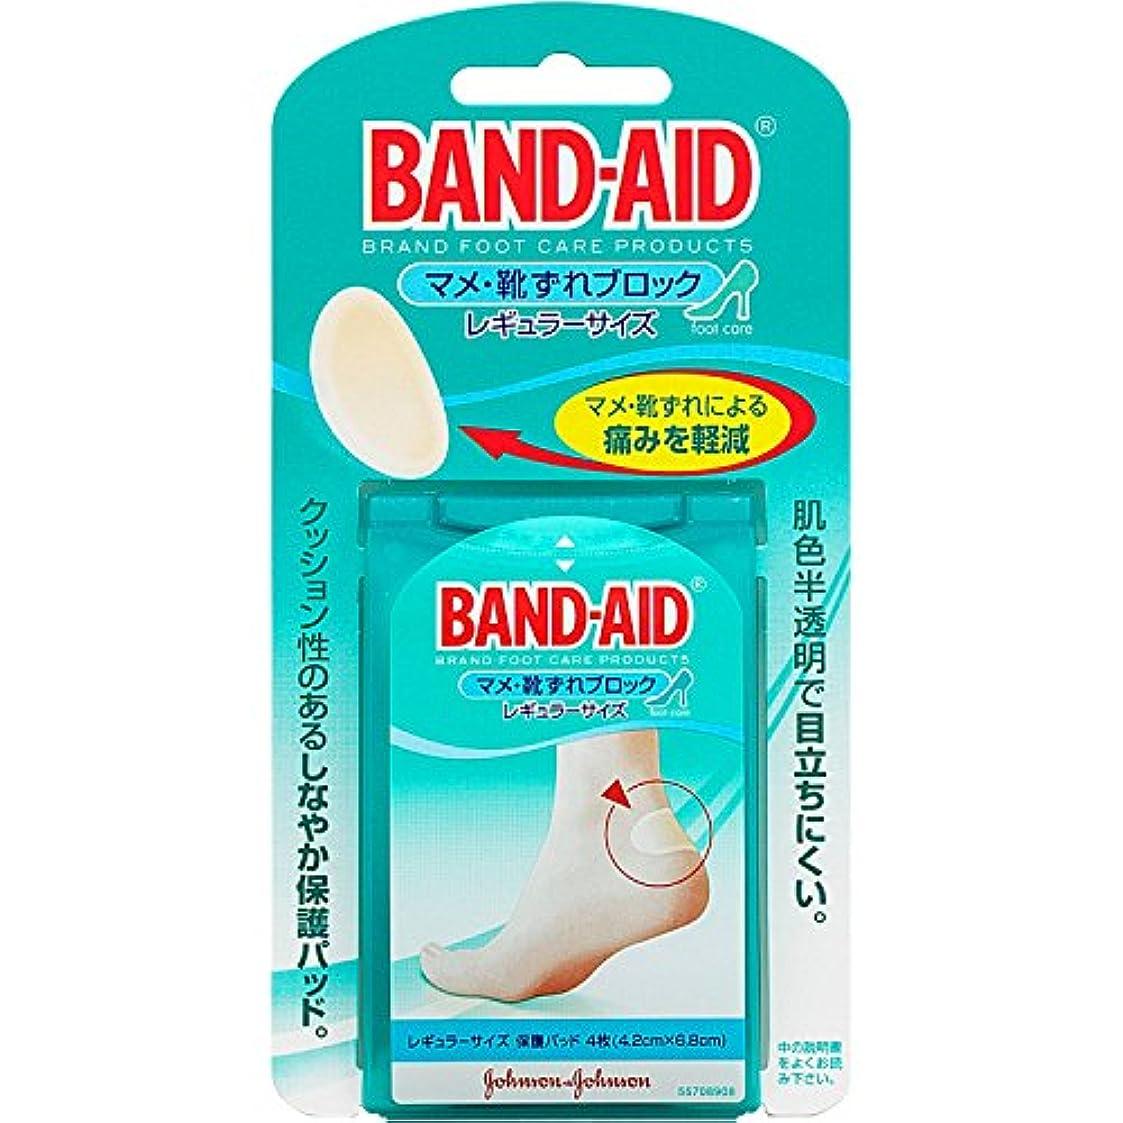 浴室慢付き添い人BAND-AID(バンドエイド) マメ?靴ずれブロック レギュラーサイズ 4枚